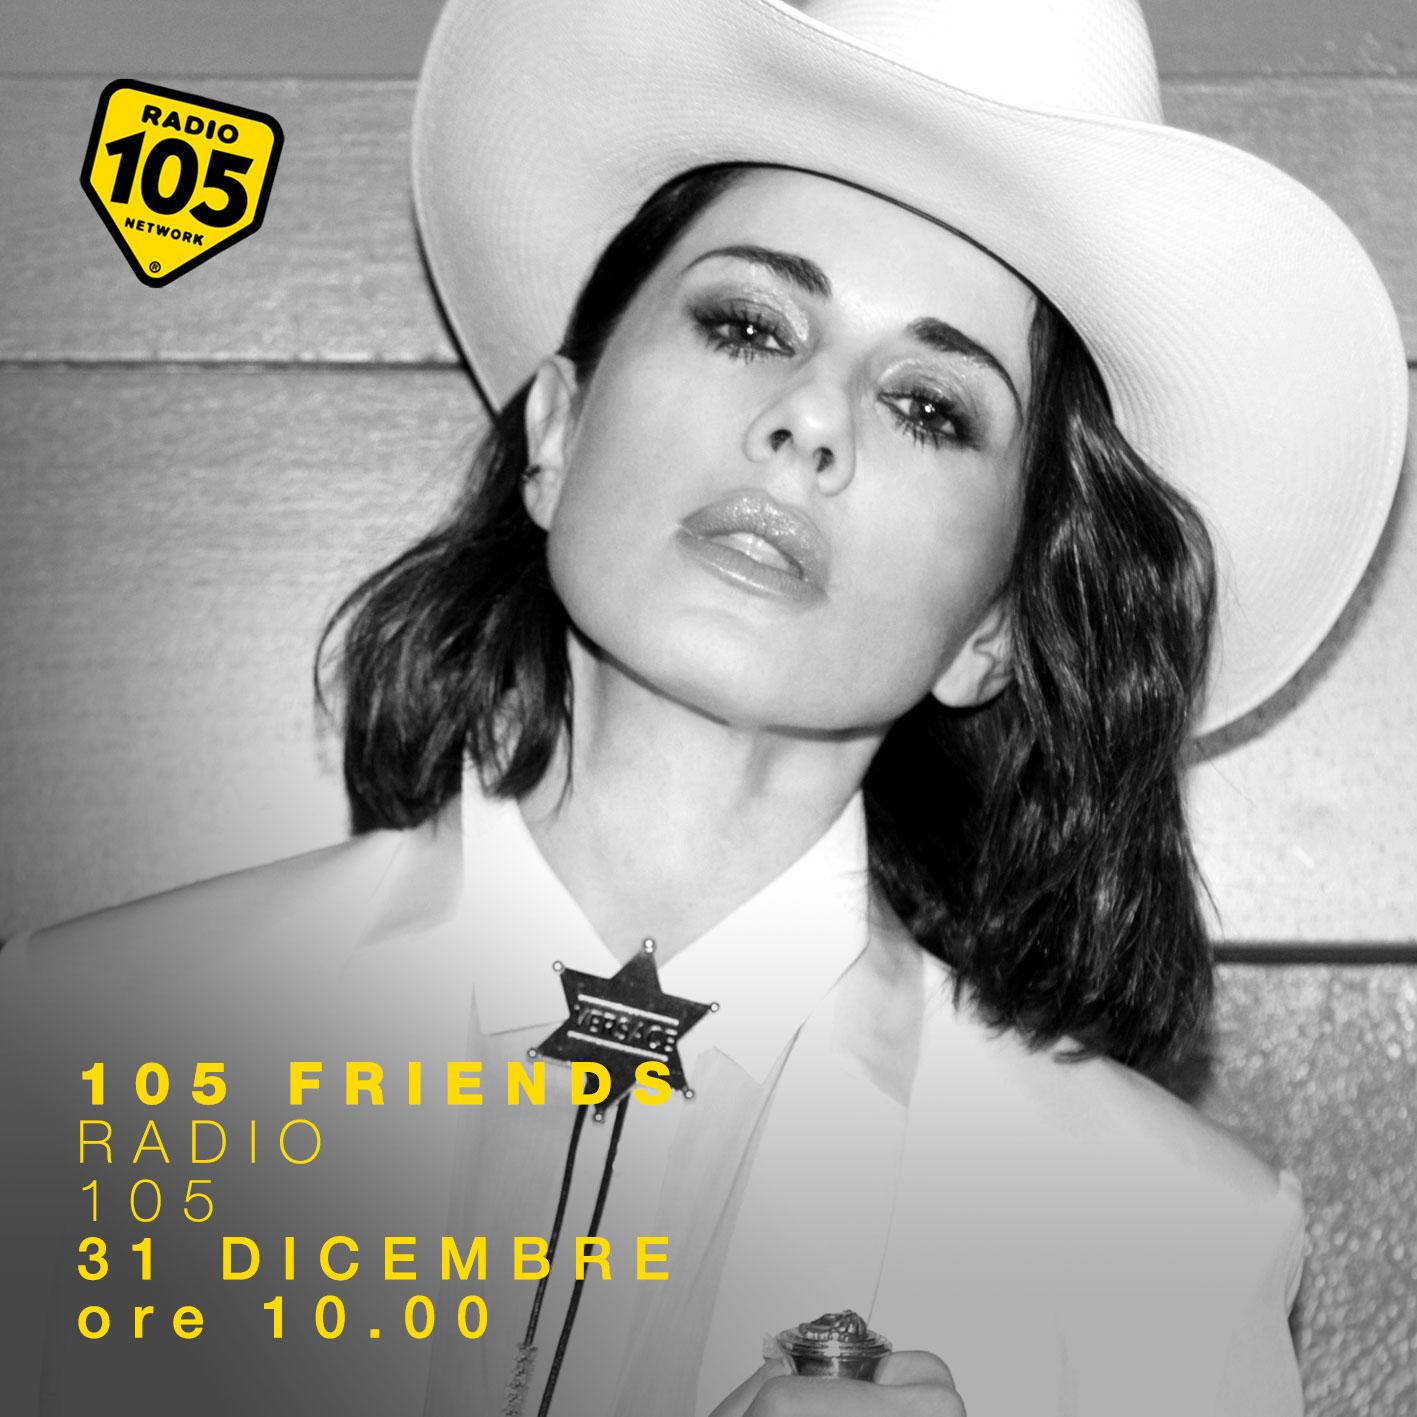 Auguri Di Natale 105.Paola Iezzi Ospite A 105 Friends Su Radio 105 Paola Iezzi Fan Club